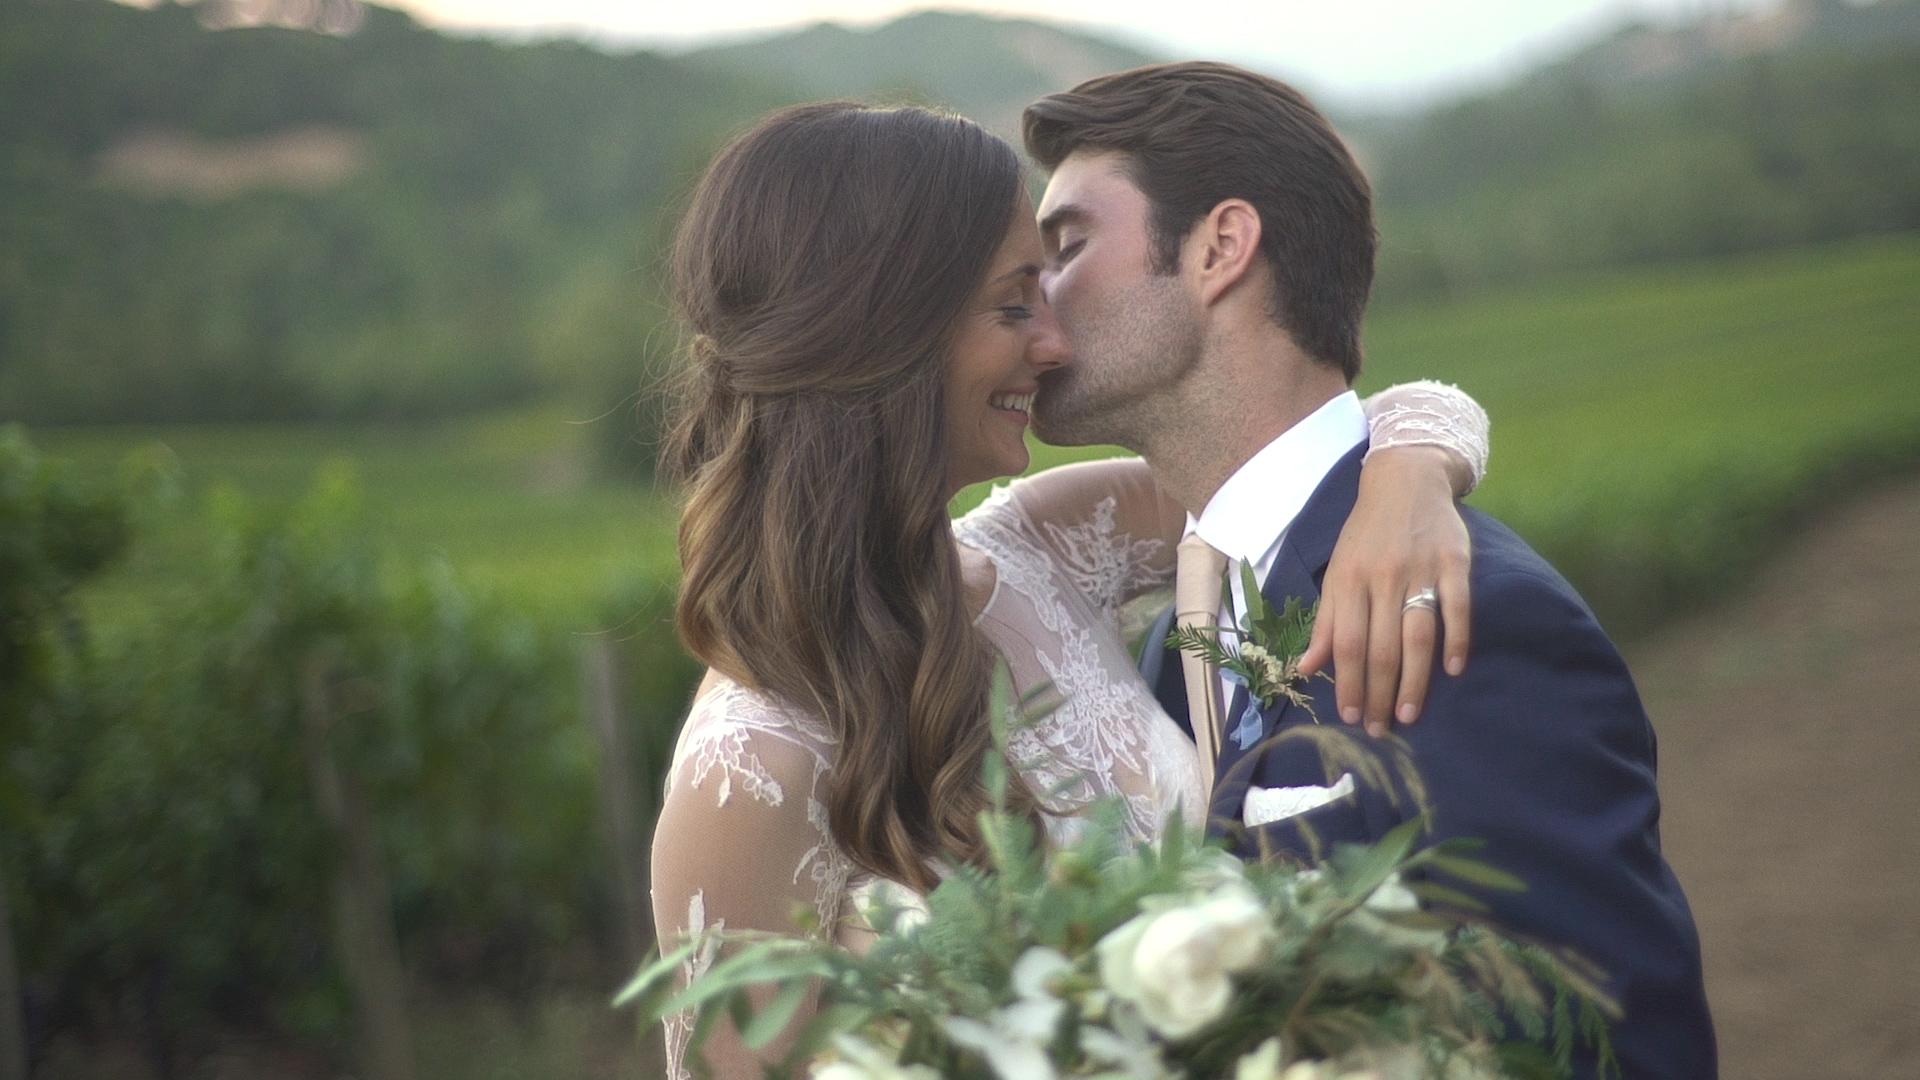 DARLING_WEDDING_v4.0 .00_02_18_15.Still027.jpg